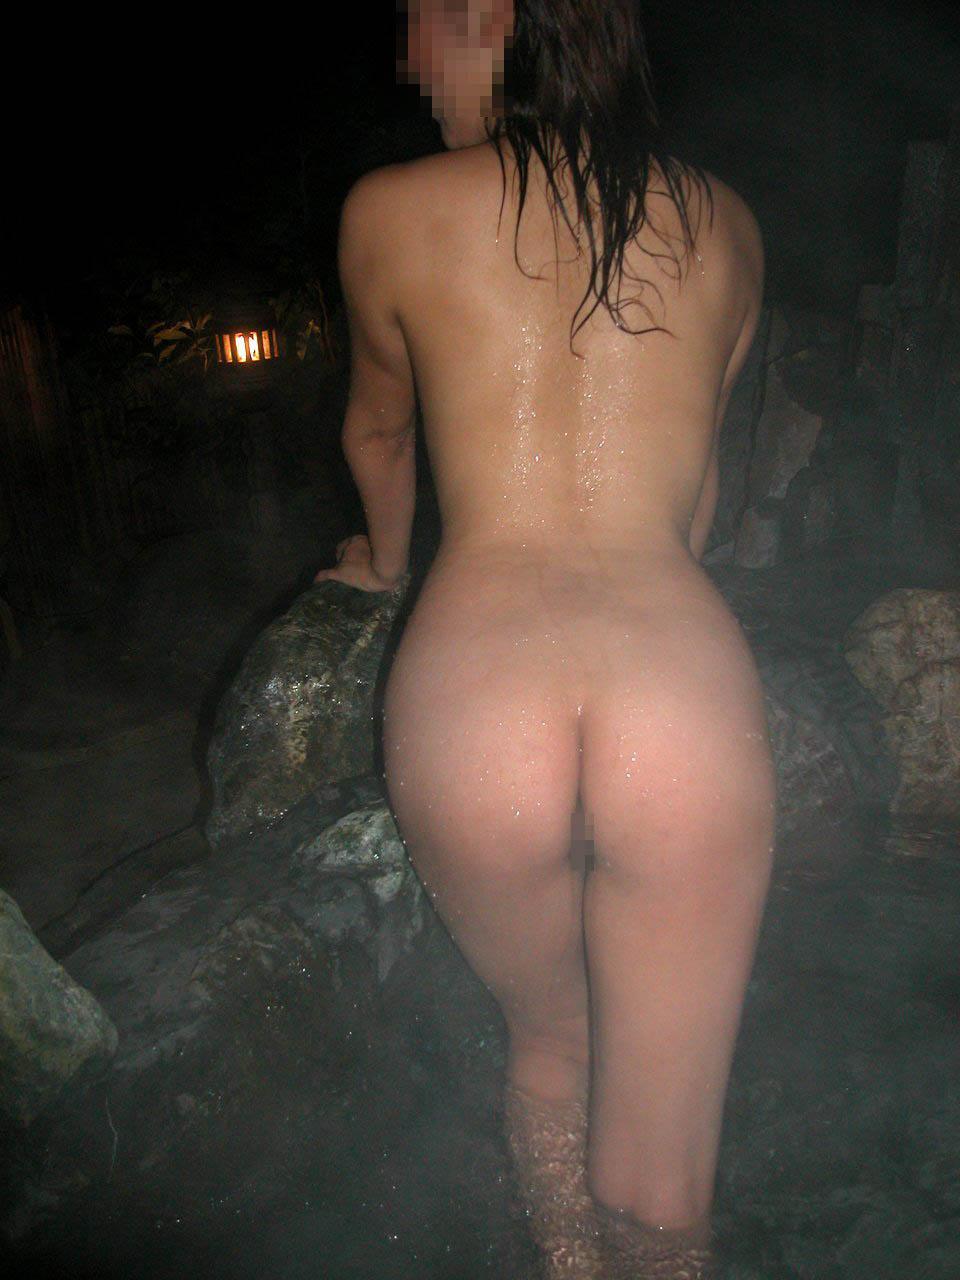 【入浴エロ画像】秘湯巡り好きと見せかけて…実は混浴風呂と全裸のお姉さん狙い(*´д`*)